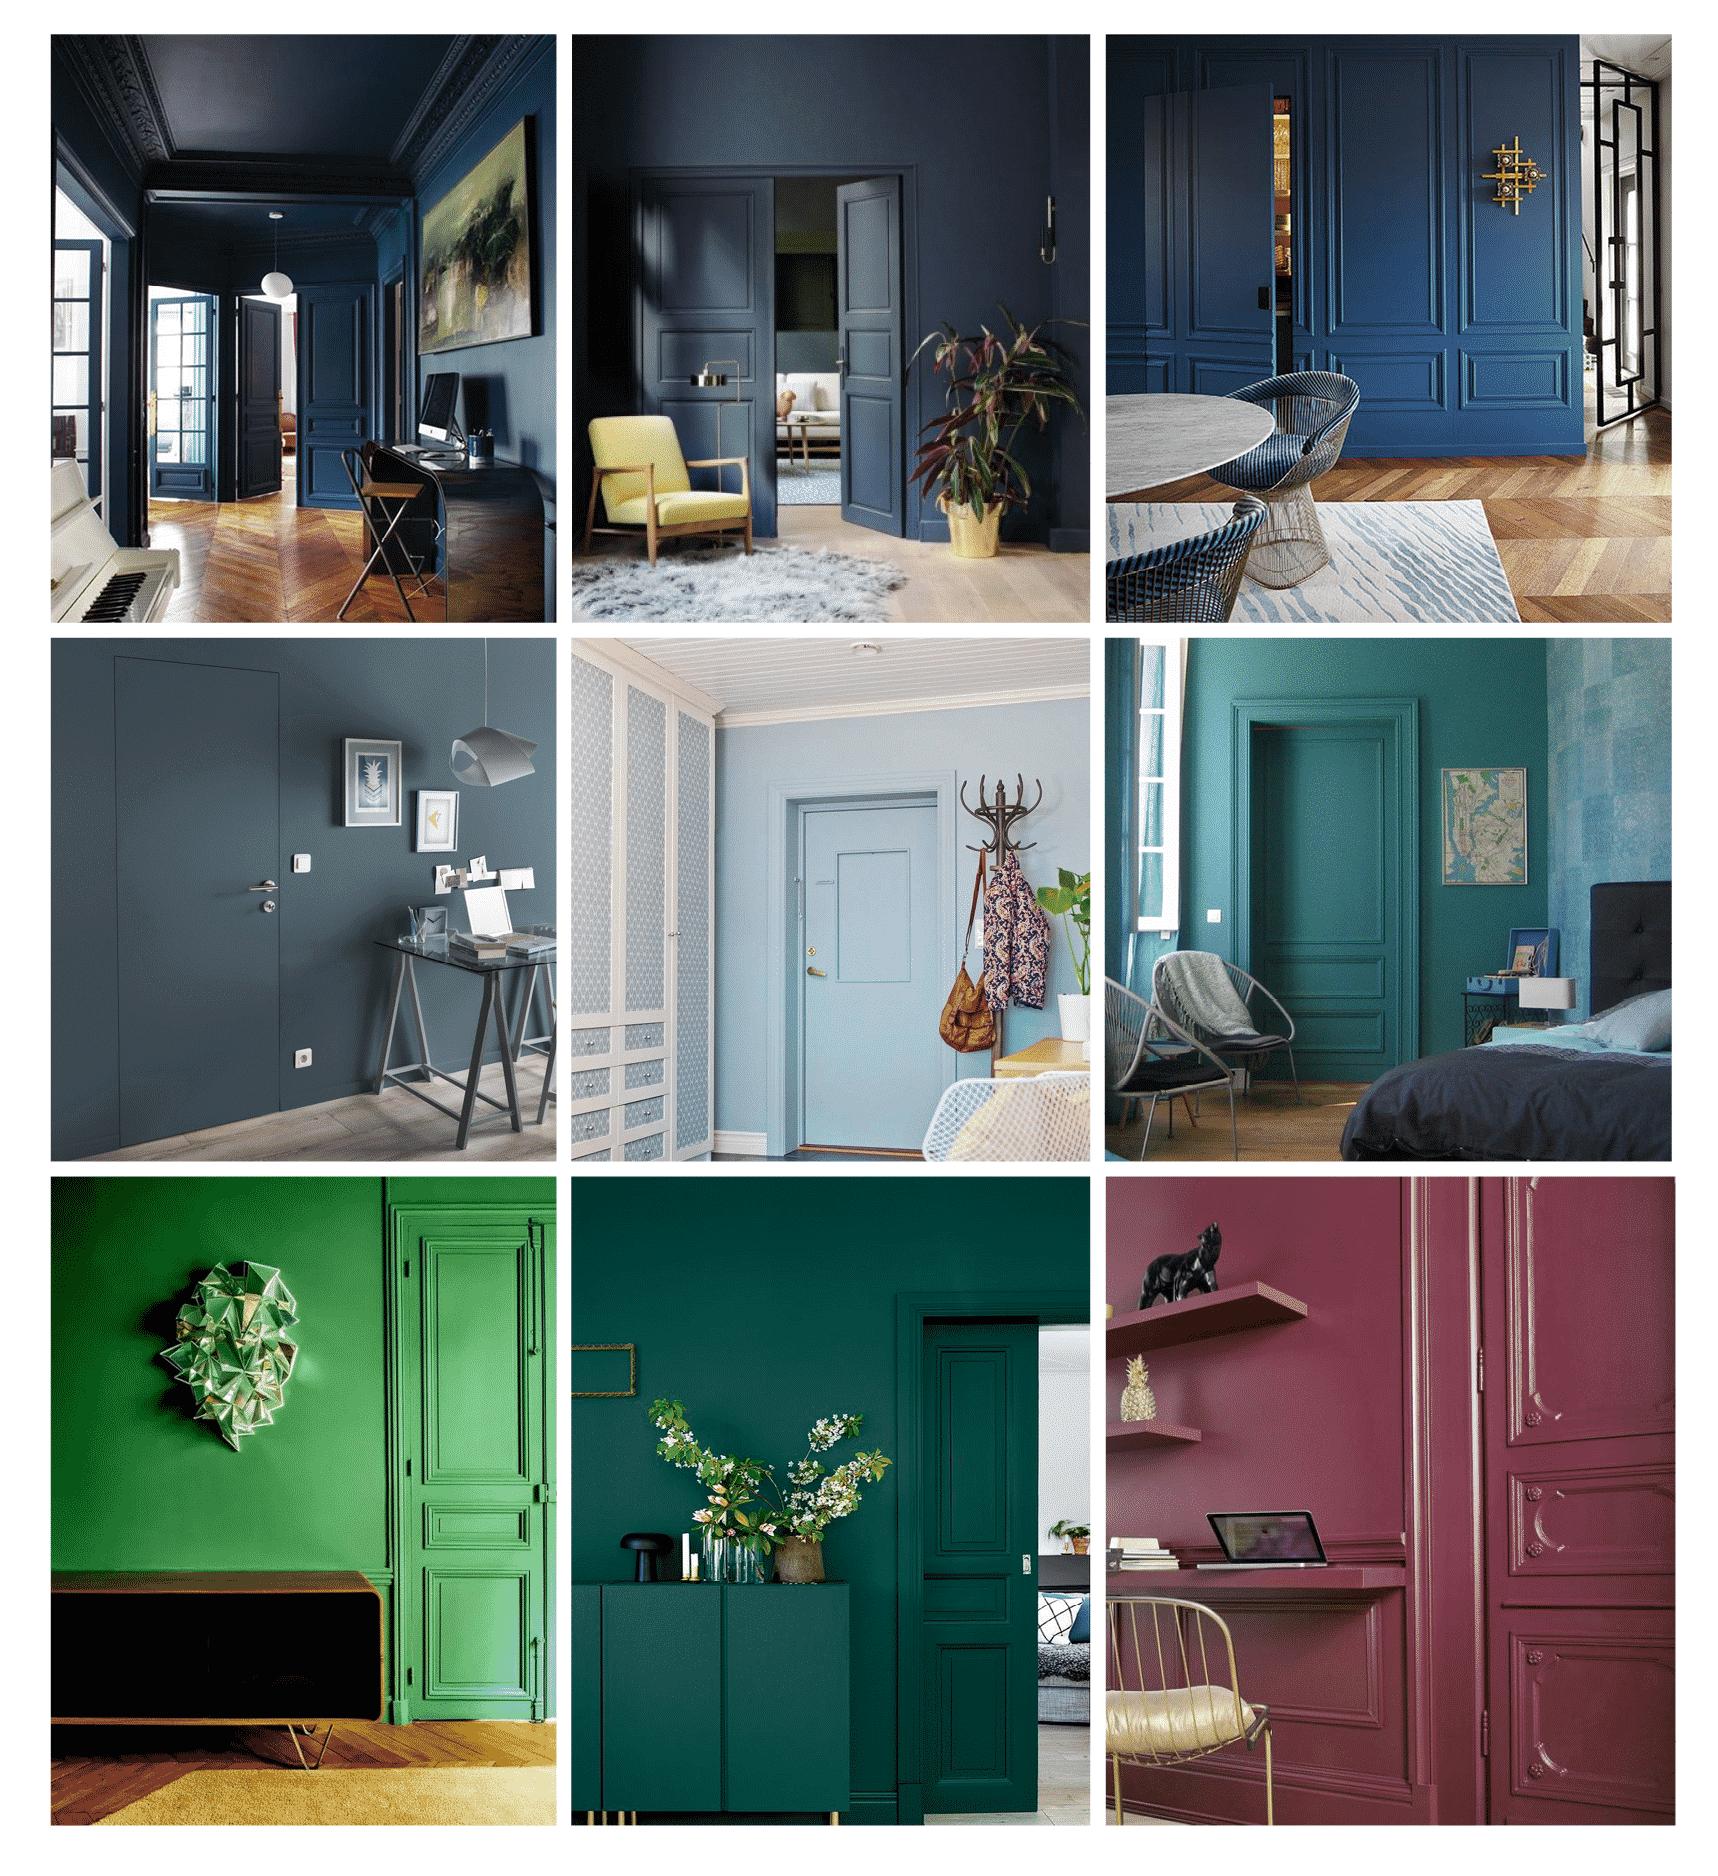 Peindre 2 Murs Sur 4 comment peindre une porte intérieure en couleur ? - monsieur